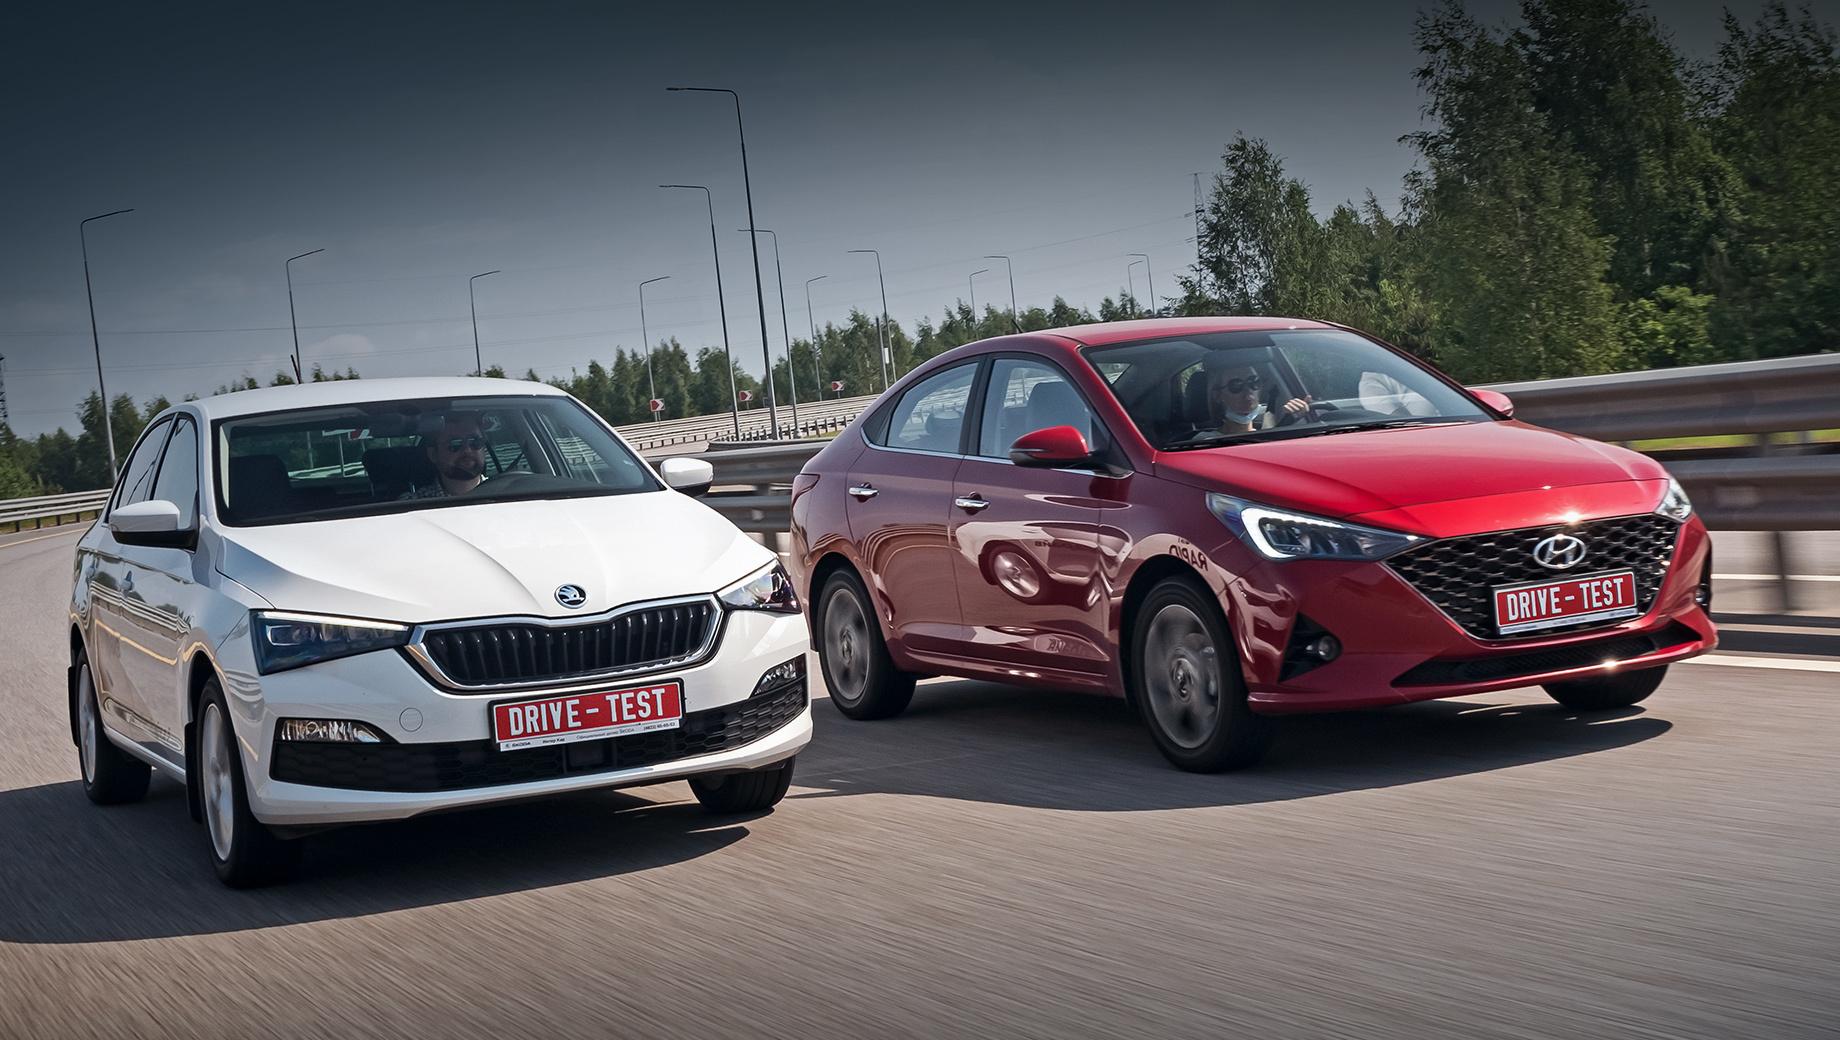 Hyundai solaris,Skoda rapid. Солярисов дороже, чем участвующий в этом сравнении ― за 1,21 млн рублей, не бывает. Стартуют цены с 775 тысяч рублей. Skoda Rapid обойдётся минимум в 792 тысячи, максимум ― в 1,32 млн рублей.